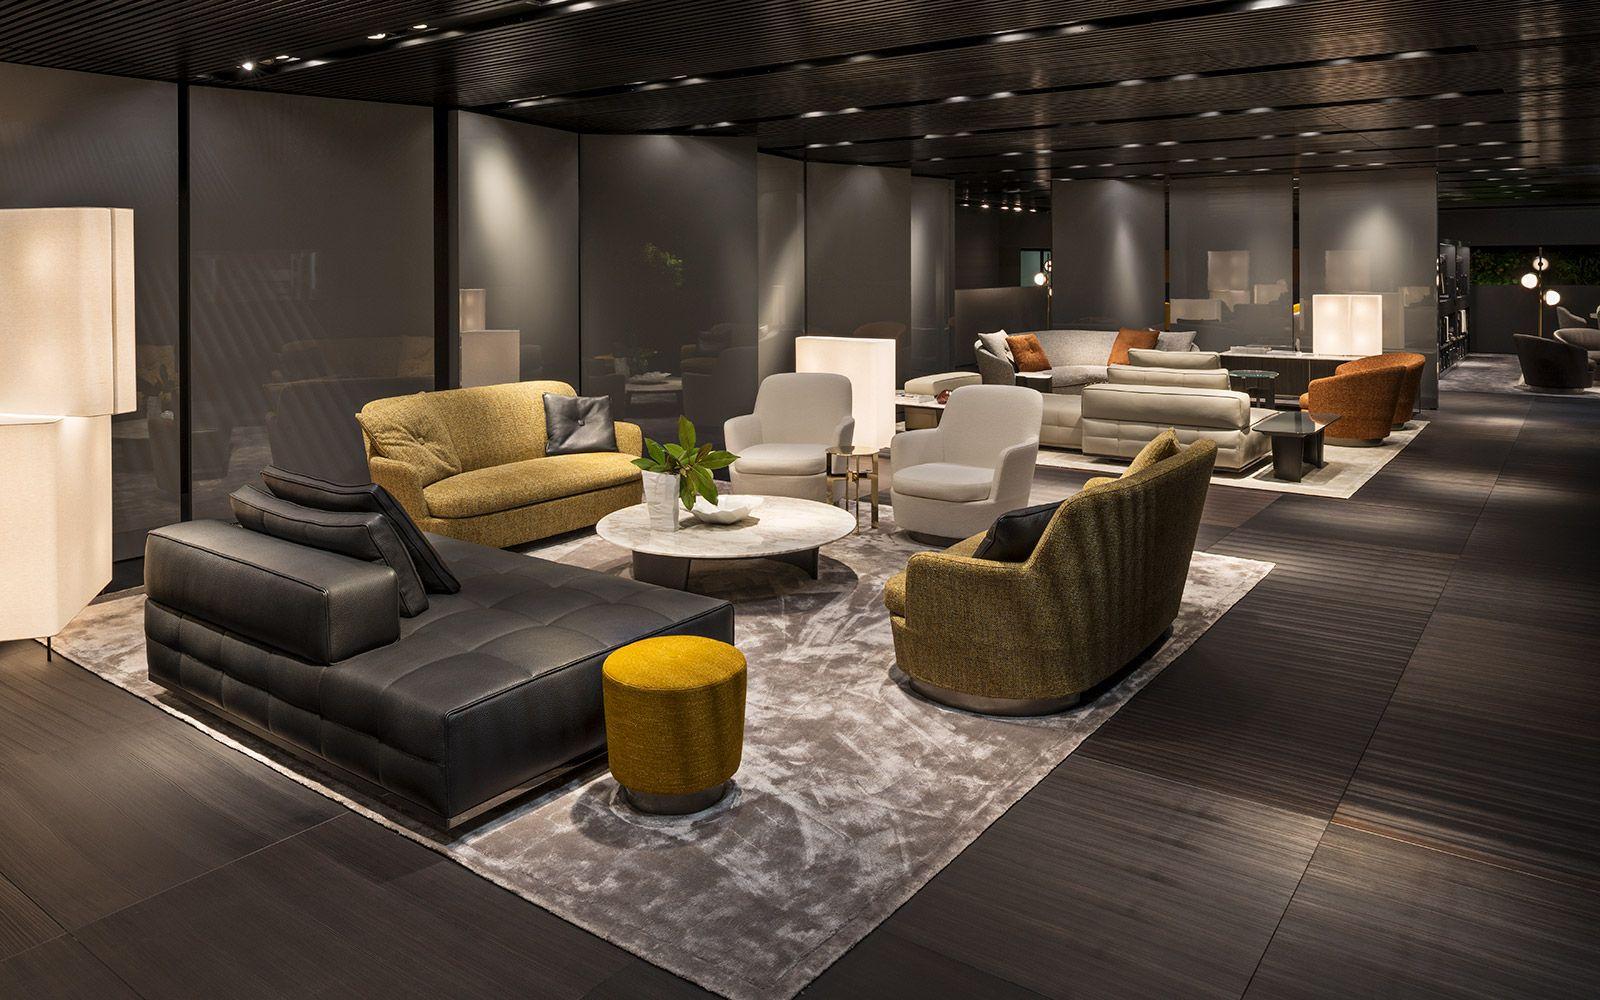 minotti @ salone del mobile 2017 | interiores | pinterest